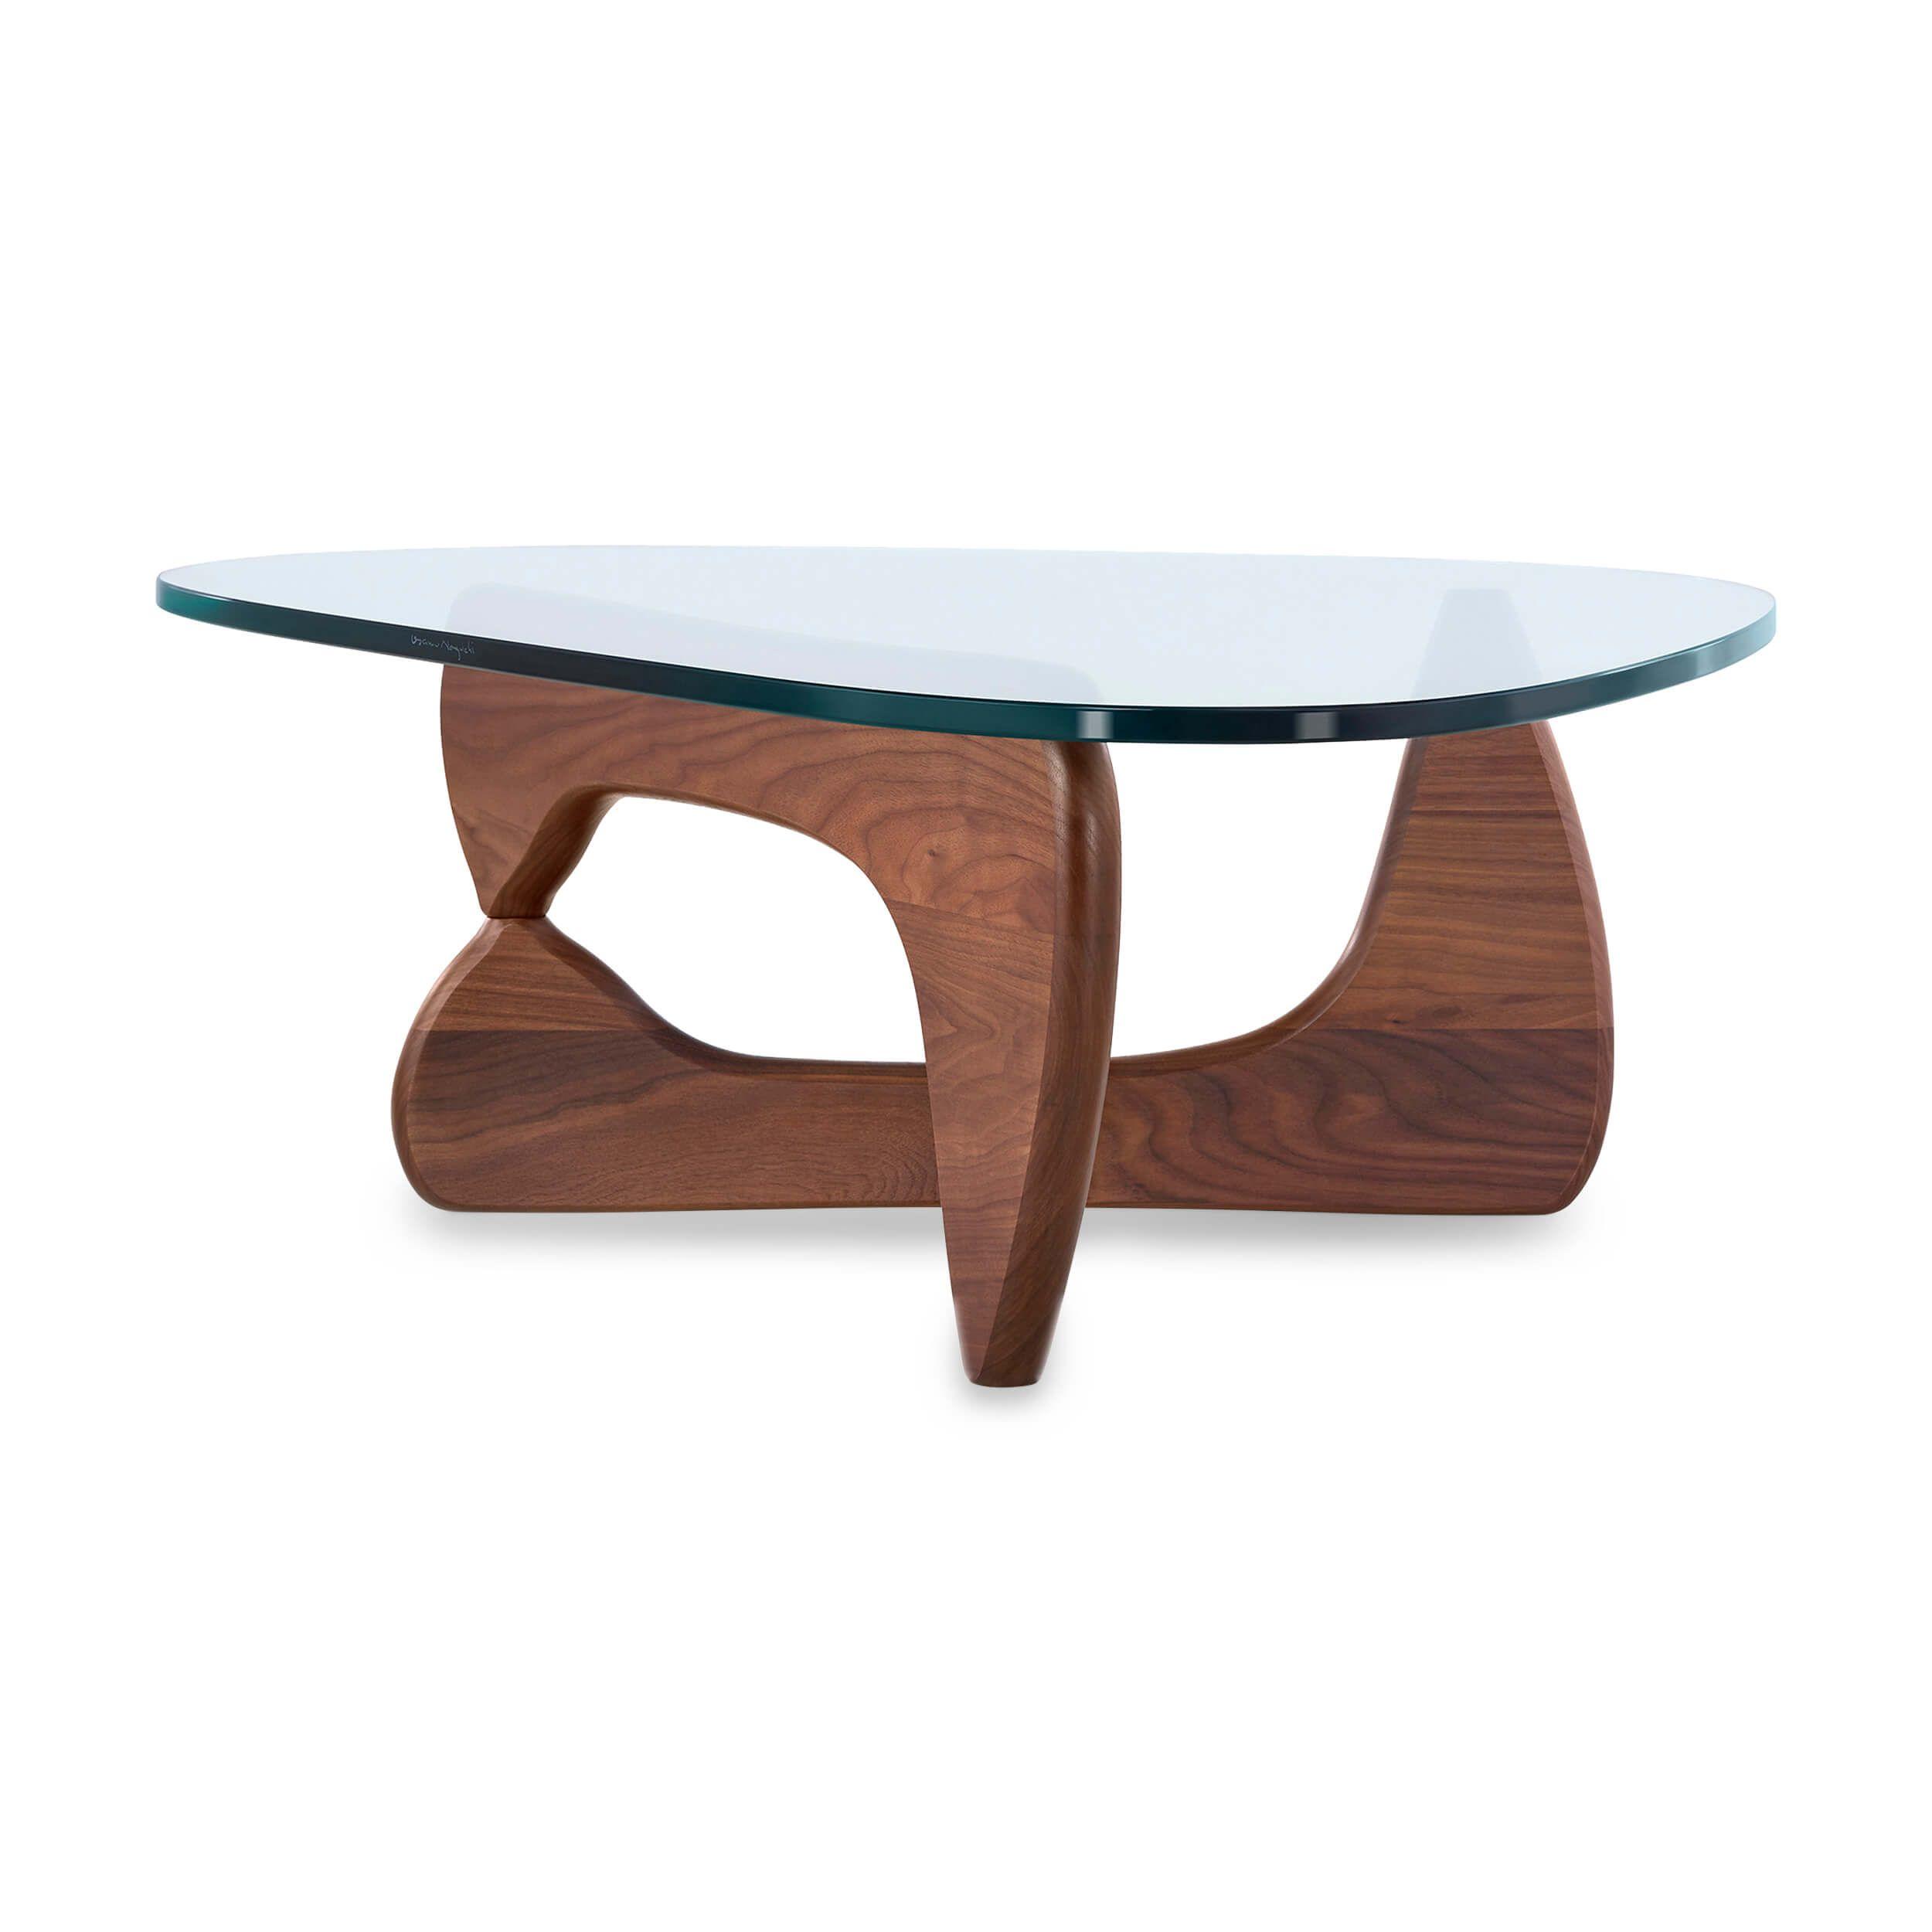 Noguchi Coffee Table In 2019 Noguchi Coffee Table Curved Wood